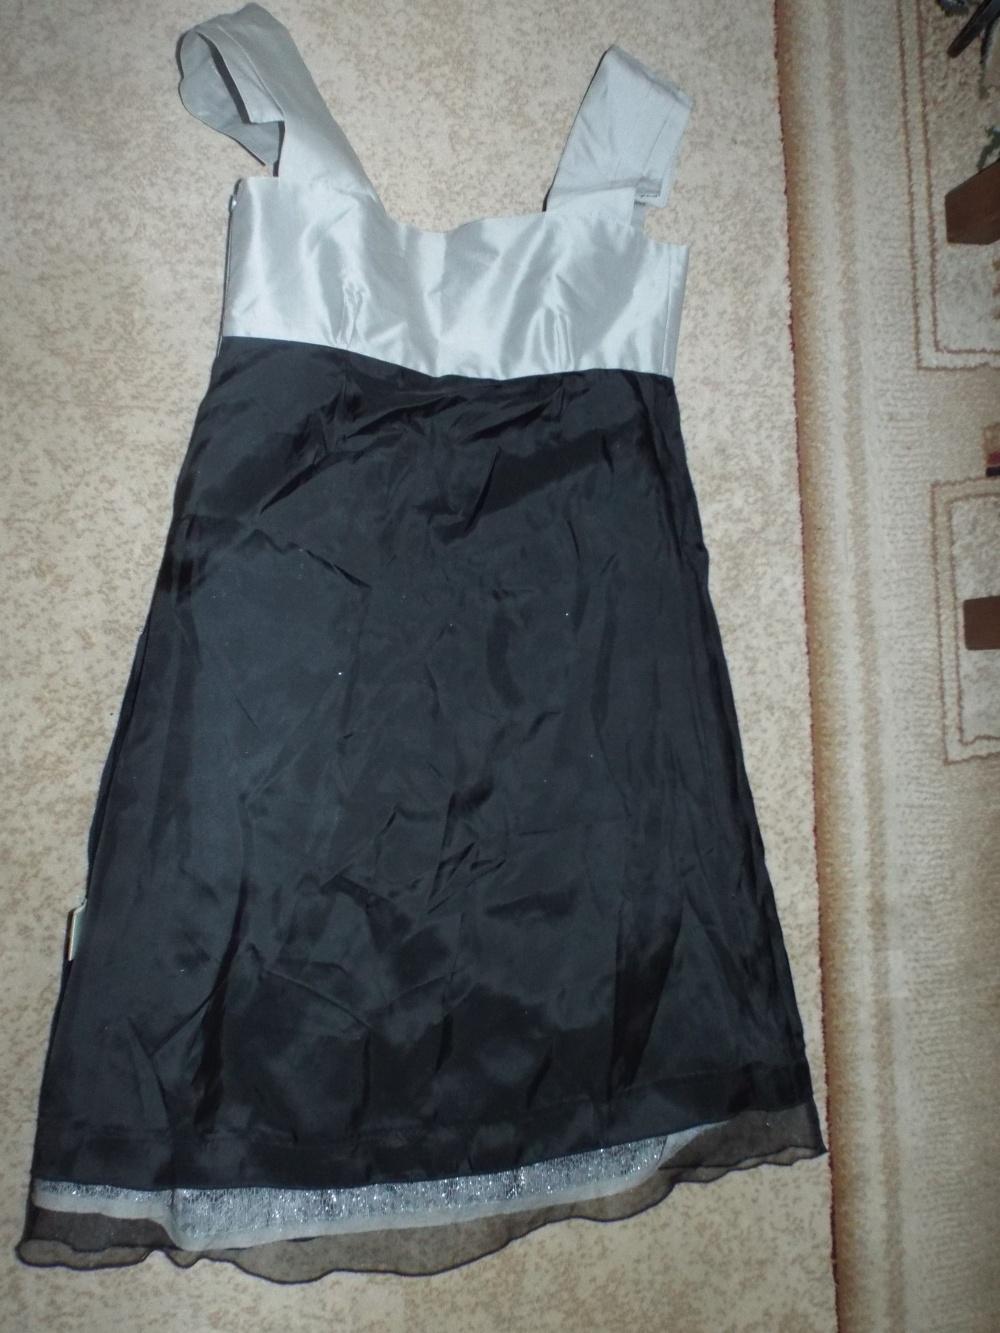 Платье Dorothee Schumacher, 40-42 (росс.) или не девочку.